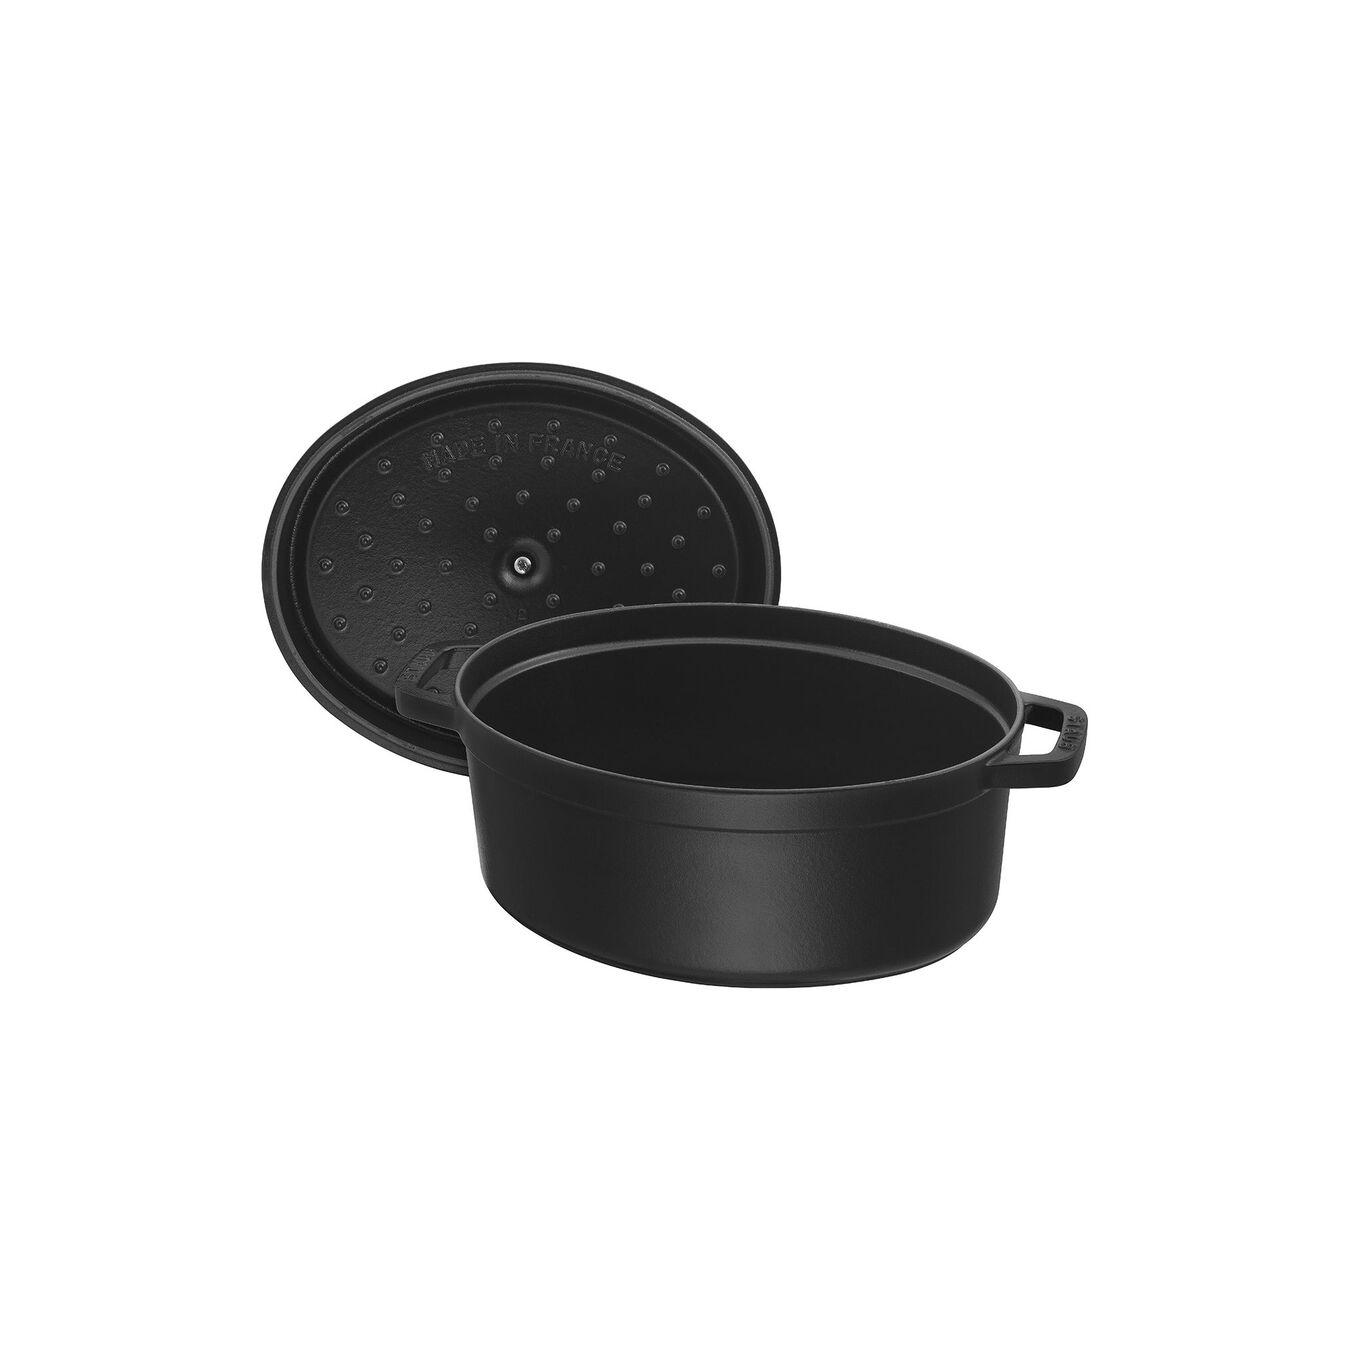 Cocotte 23 cm, Ovale, Noir, Fonte,,large 4